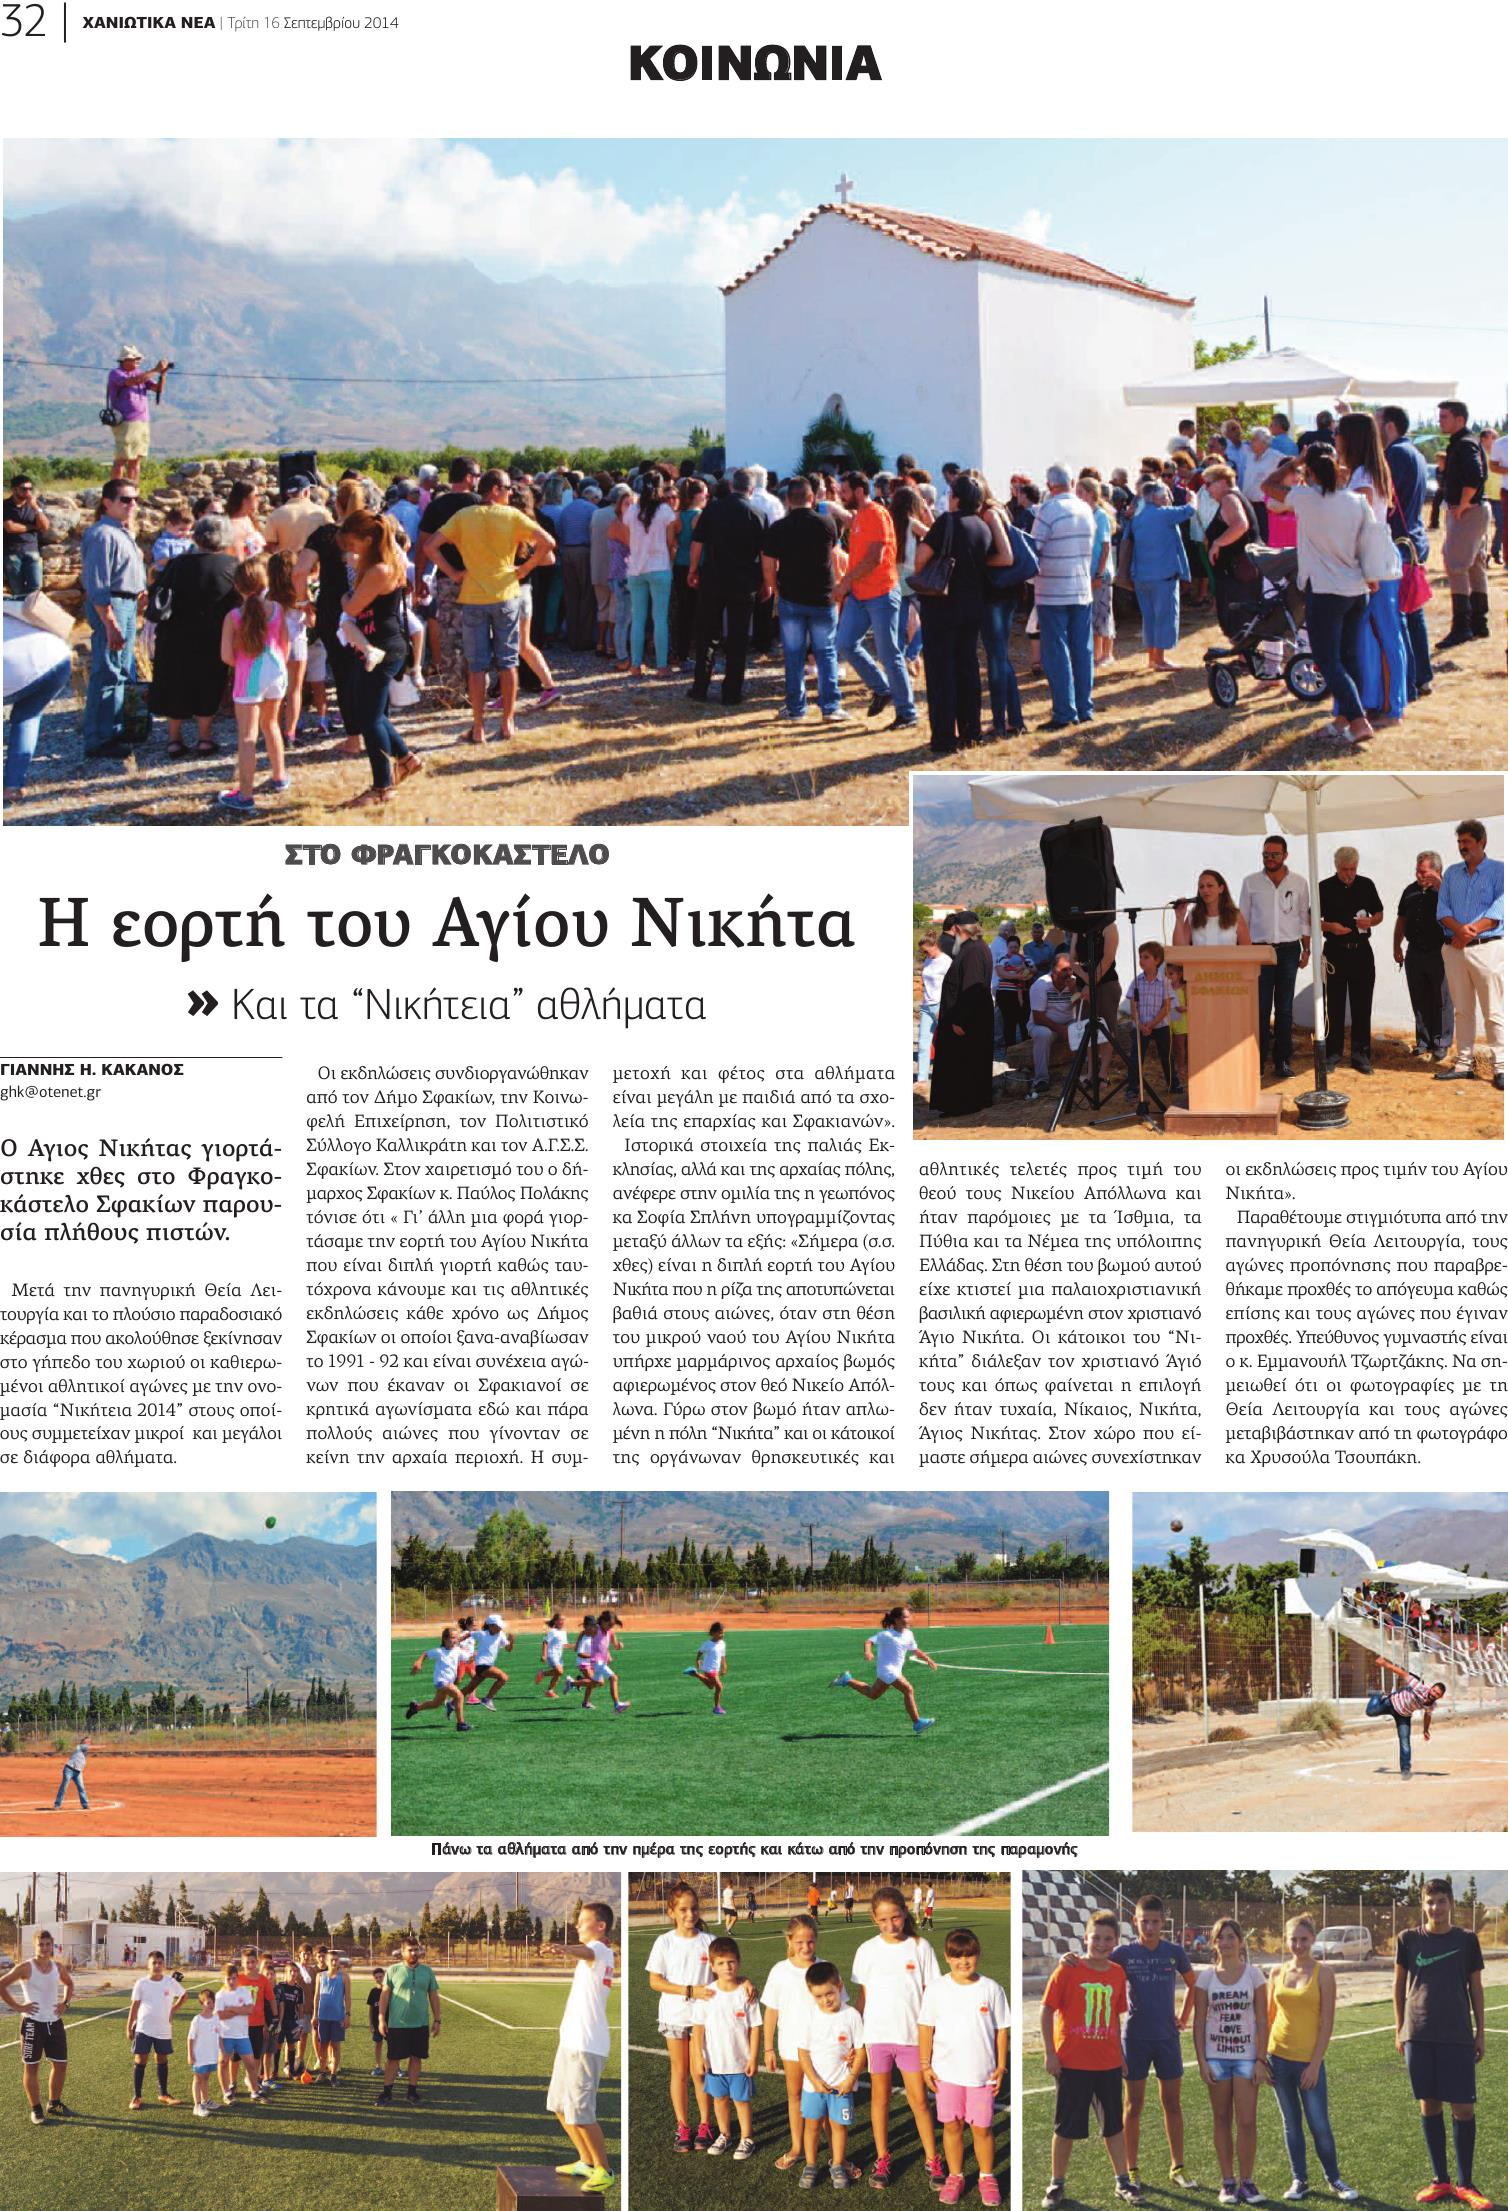 32-20140916 Άγιος Νικήτας Σφακίων